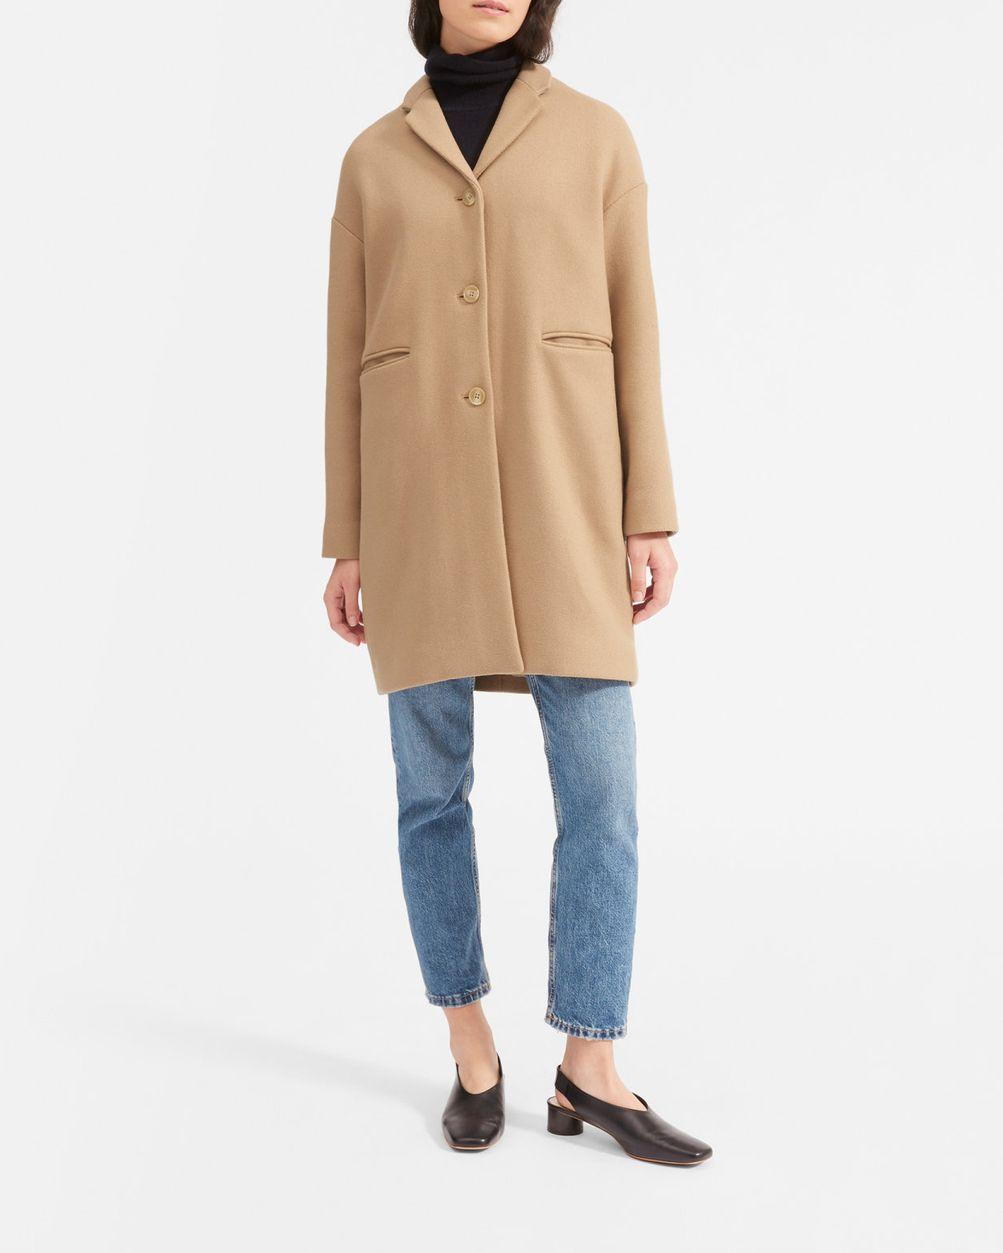 Everlane Women's Cocoon Coat, Camel